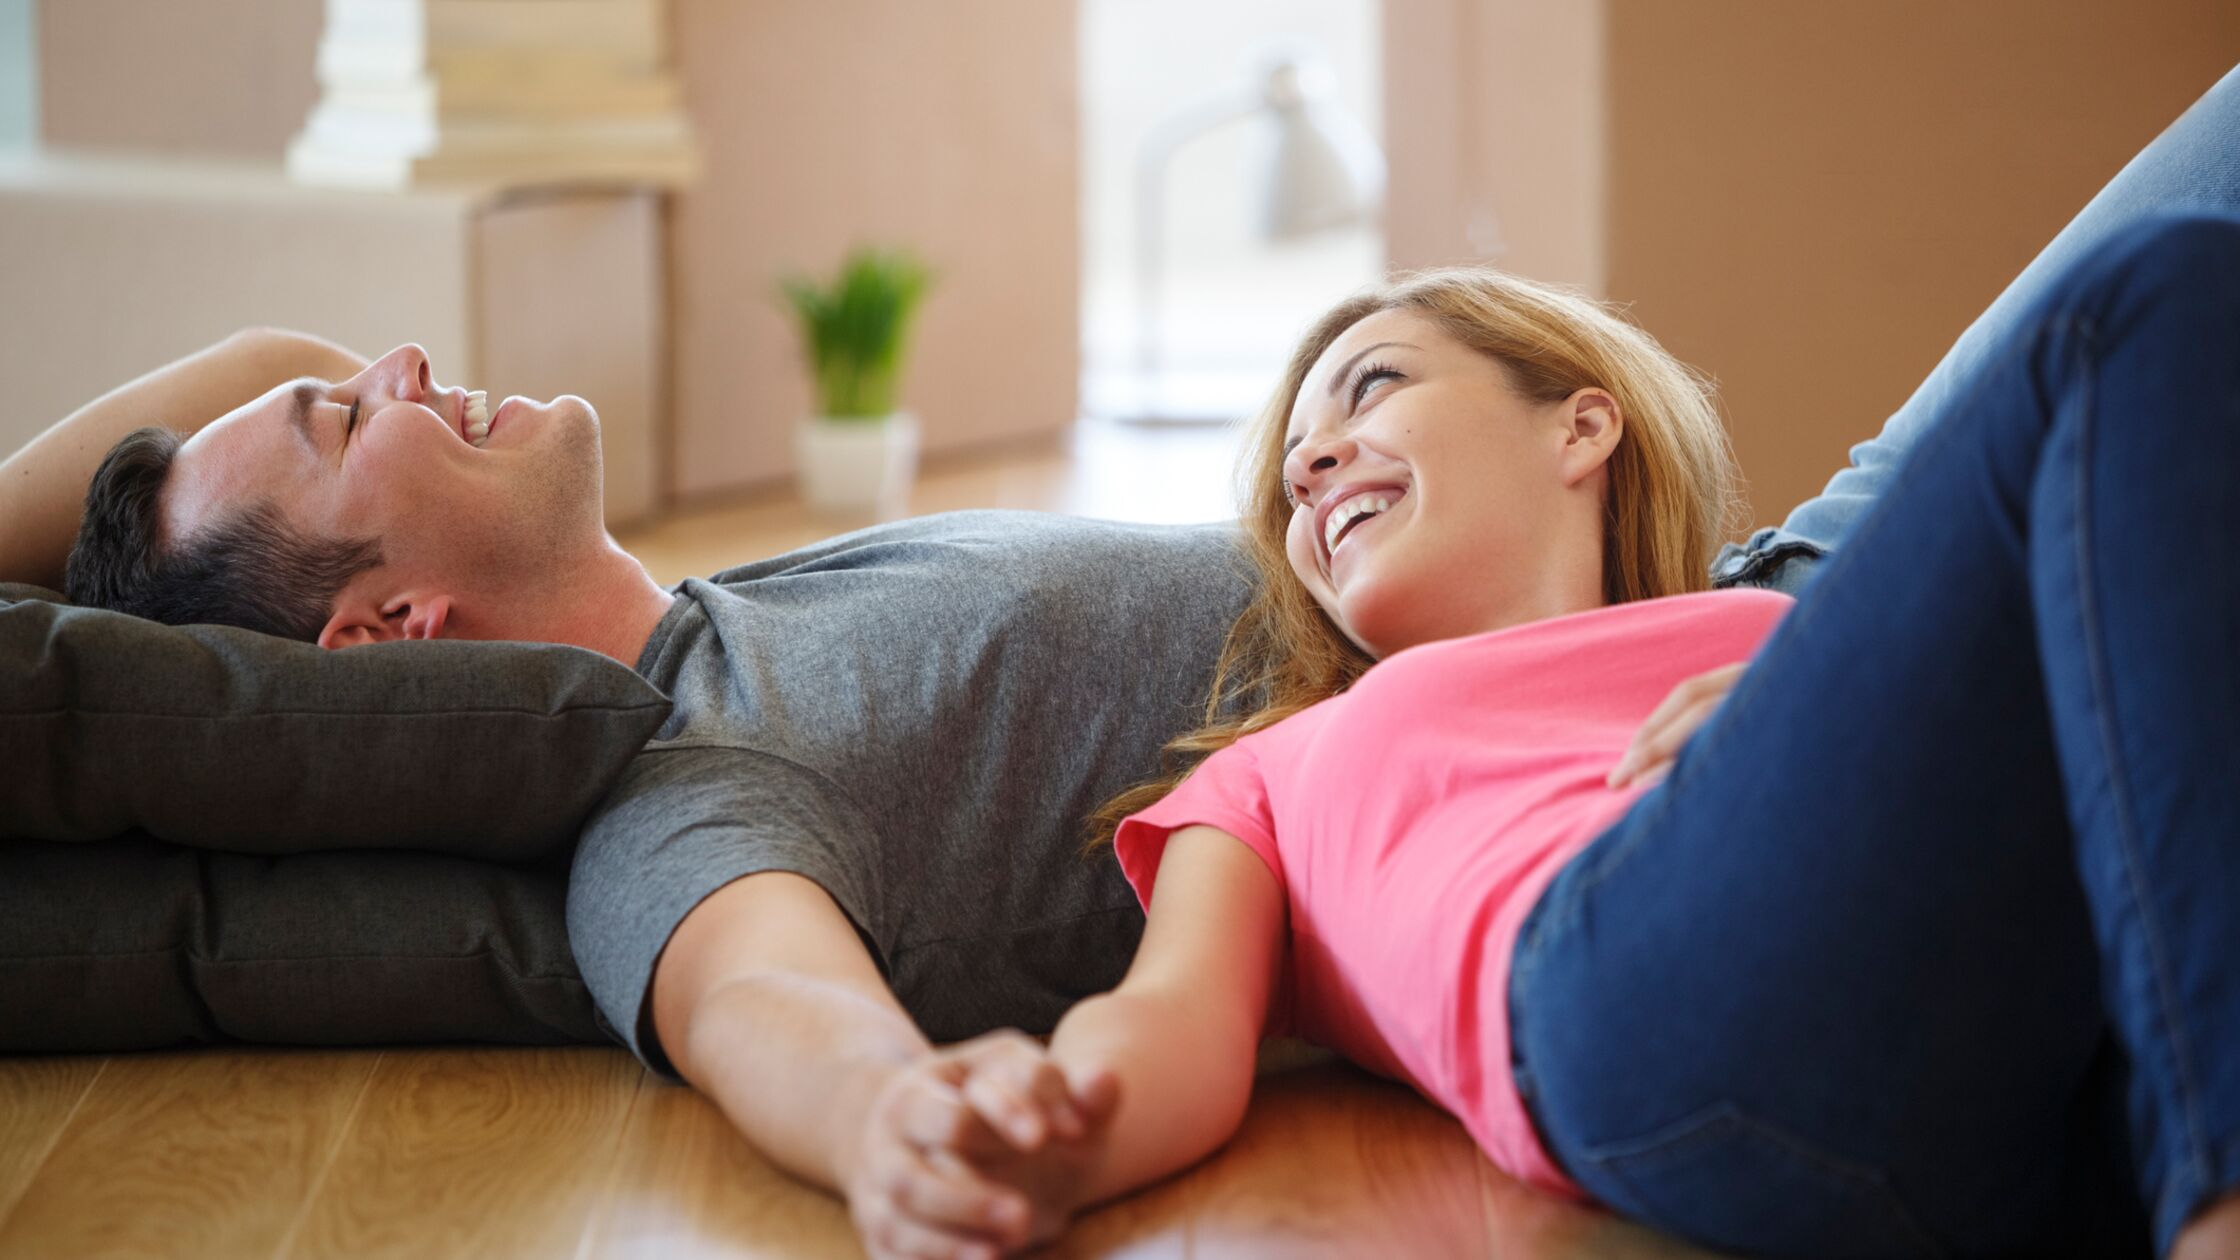 Junges Paar liegt erschöpft und lächelnd auf dem Fußboden der neuen Wohnung.